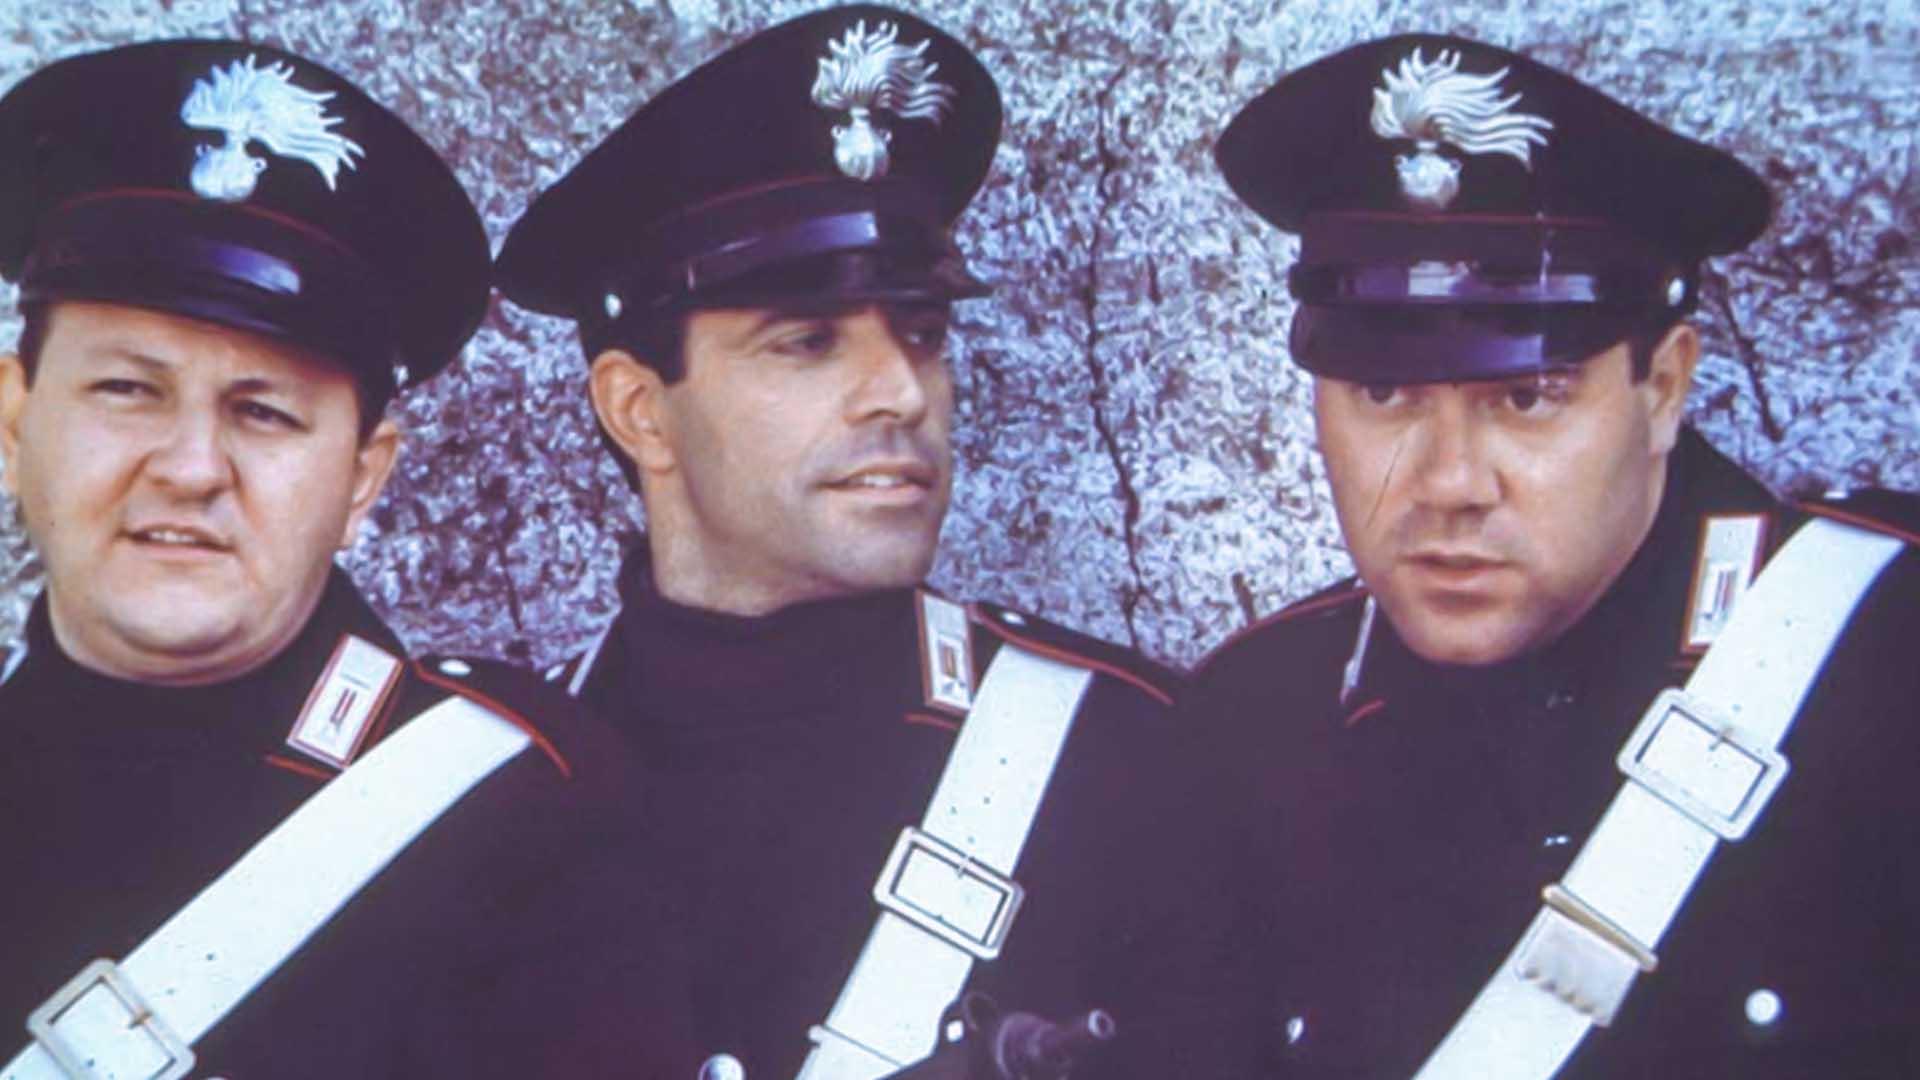 Conosciamo i Carabinieri solo attraverso gli stereotipi che costruiamo su di loro